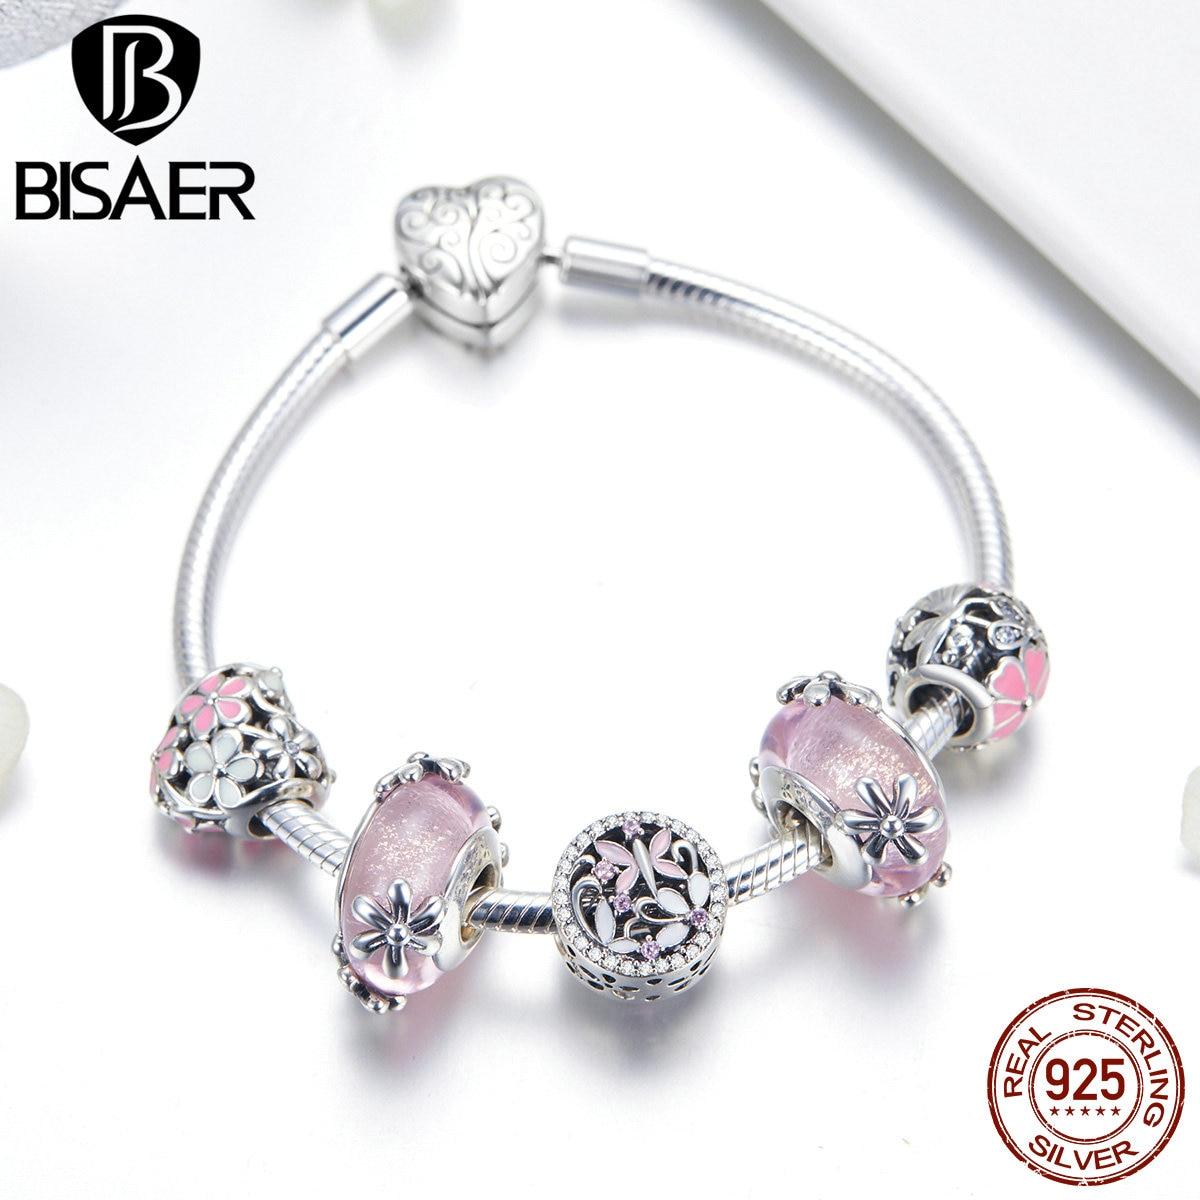 BISAER браслеты в форме сердца, 925 пробы, серебряный, розовый, Маргаритка, персик, цветок, сердце, женские браслеты для женщин, серебро 925, ювелирн...